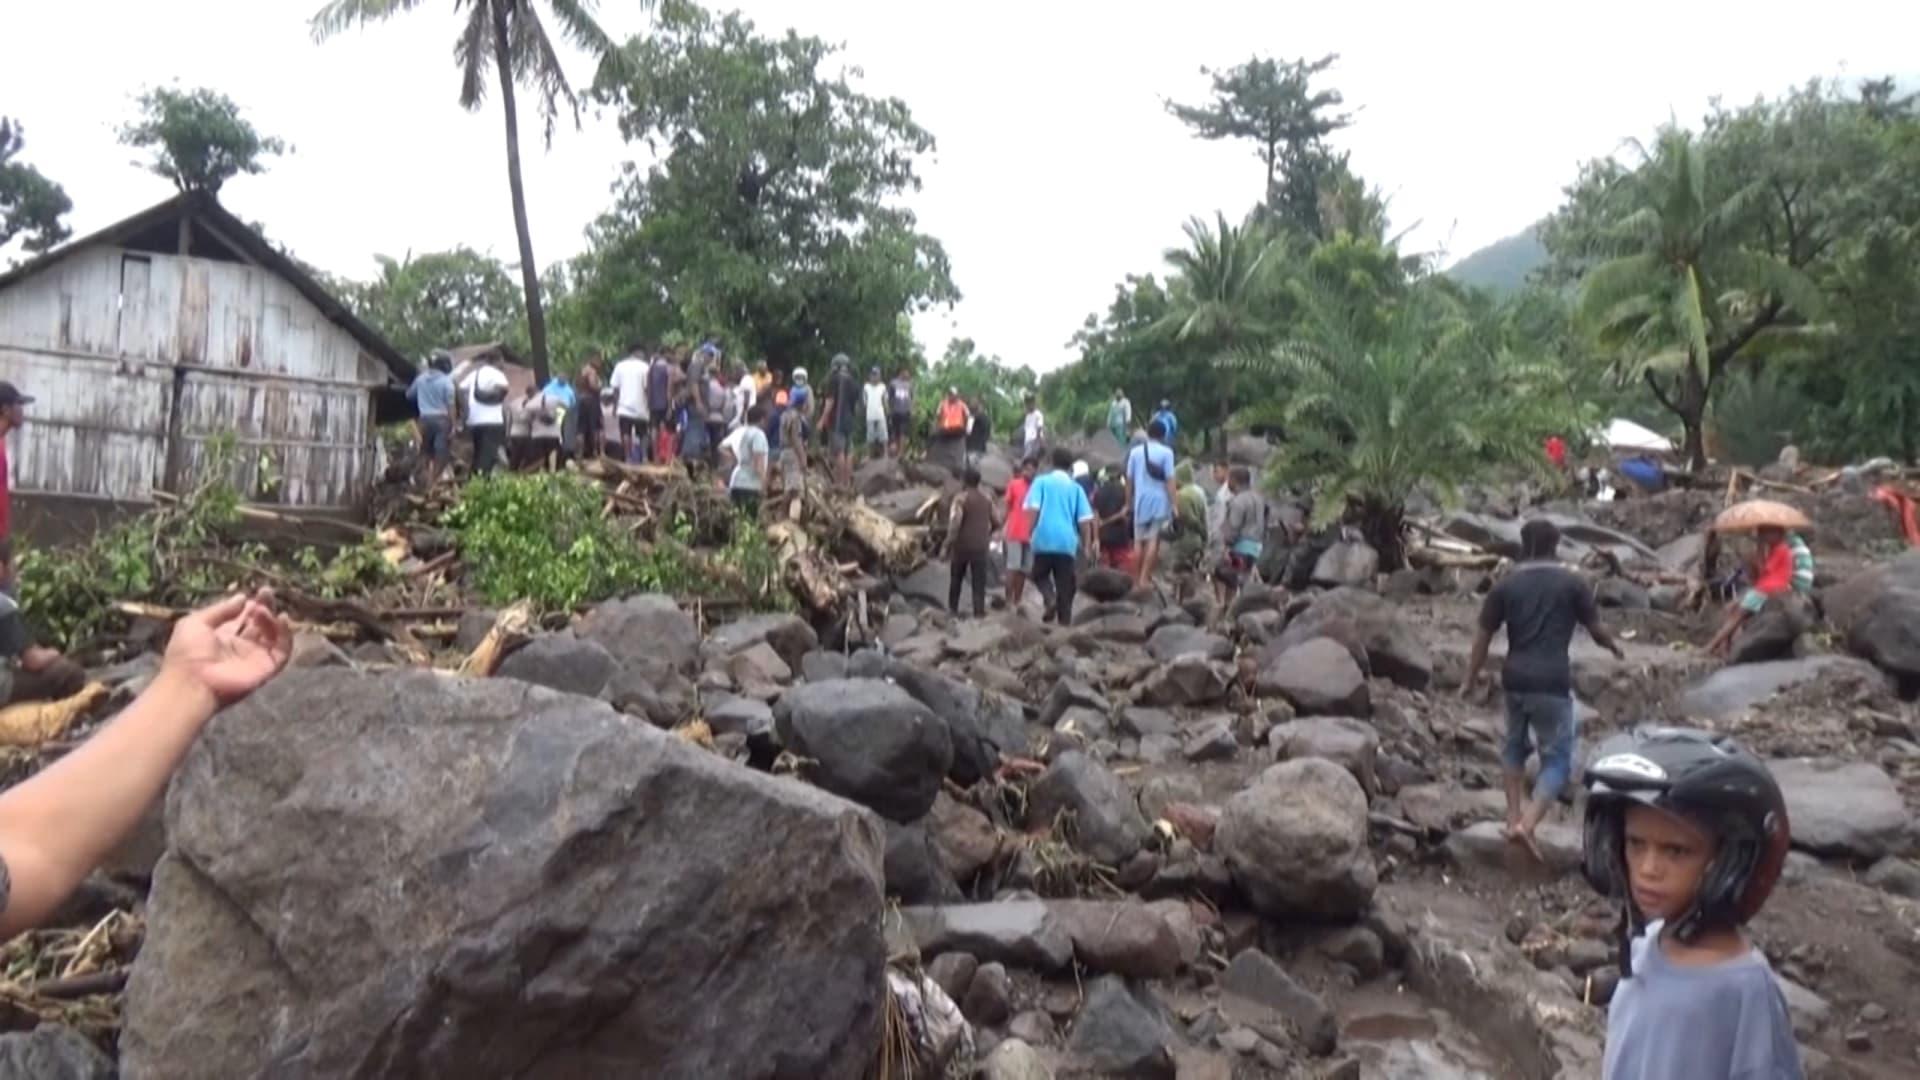 عشرات القتلى والمفقودين في فيضانات وانهيارات مفاجئة في إندونيسيا